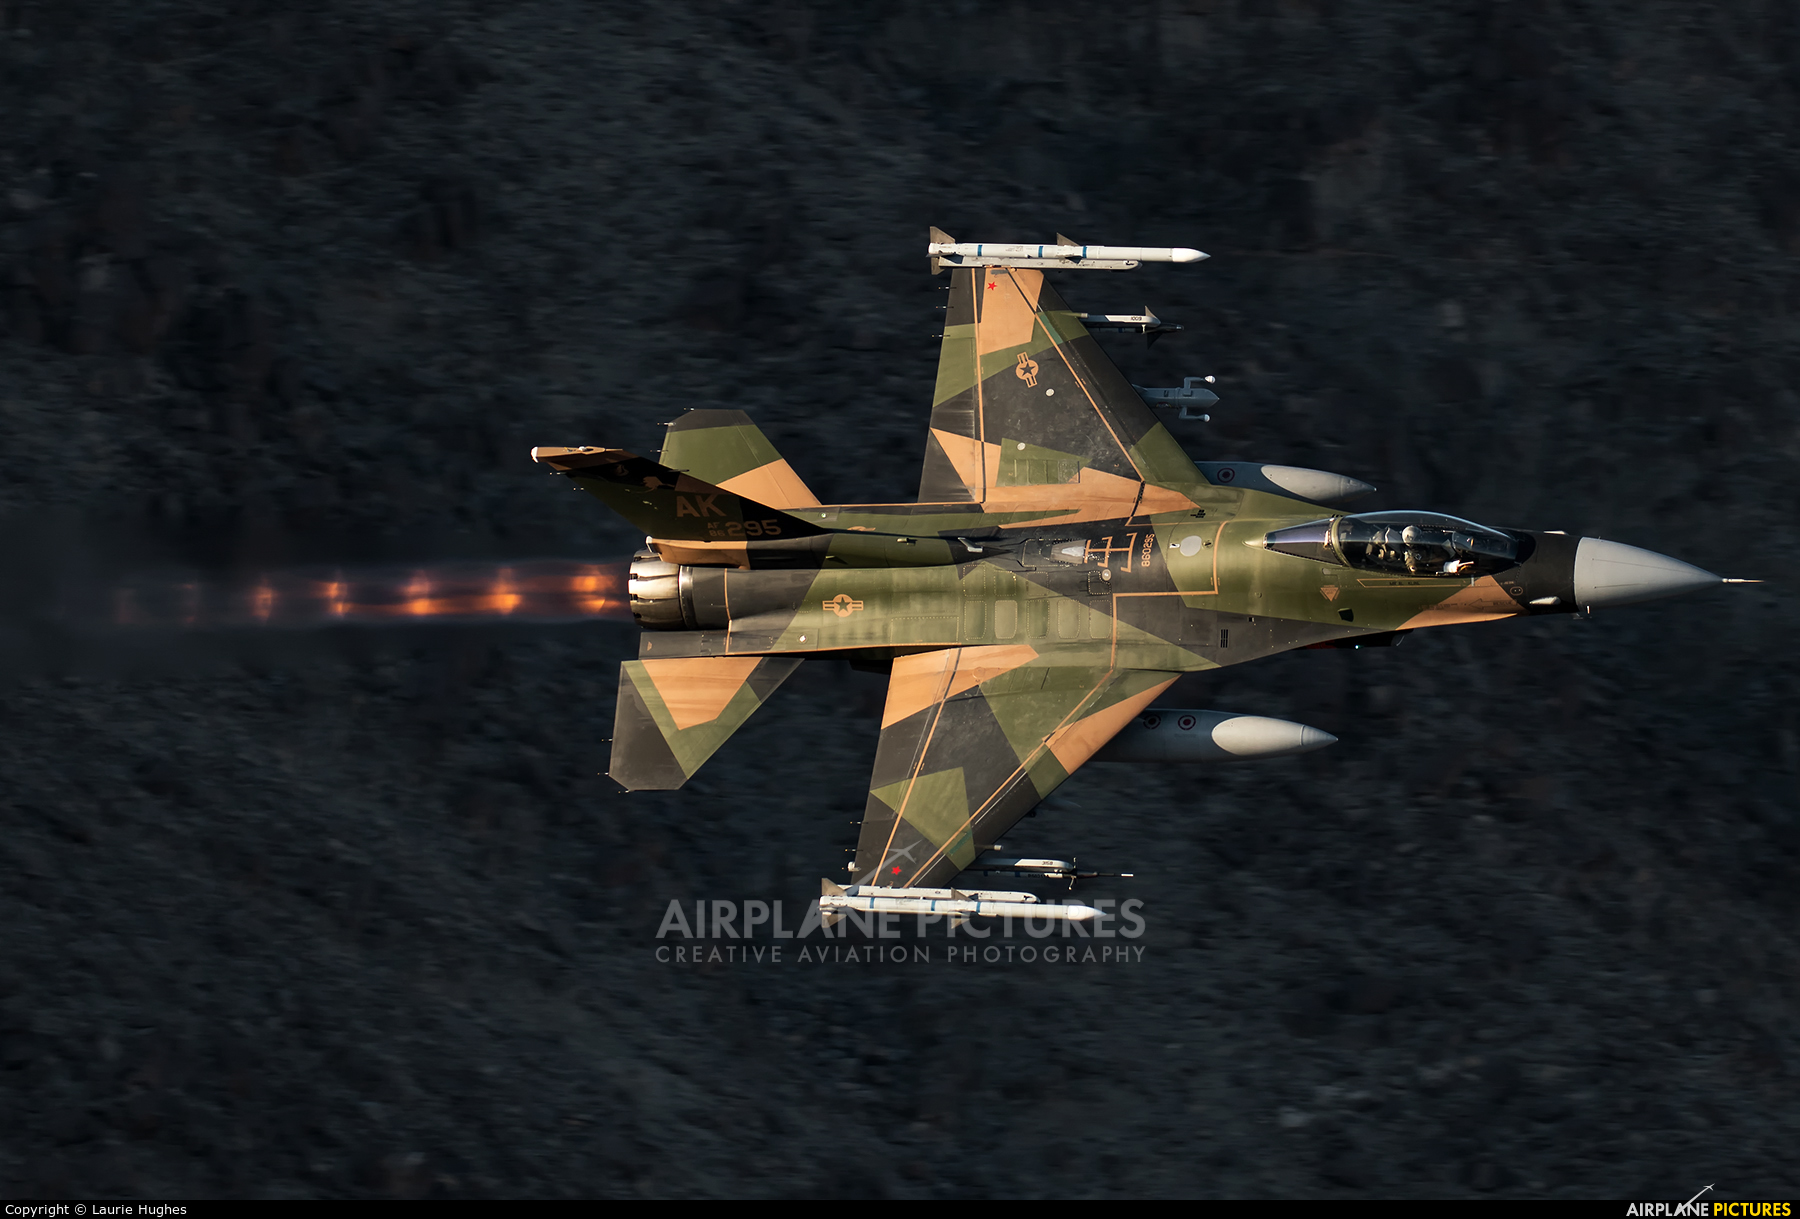 USA - Air Force 86-0295 aircraft at Rainbow Canyon - Off Airport